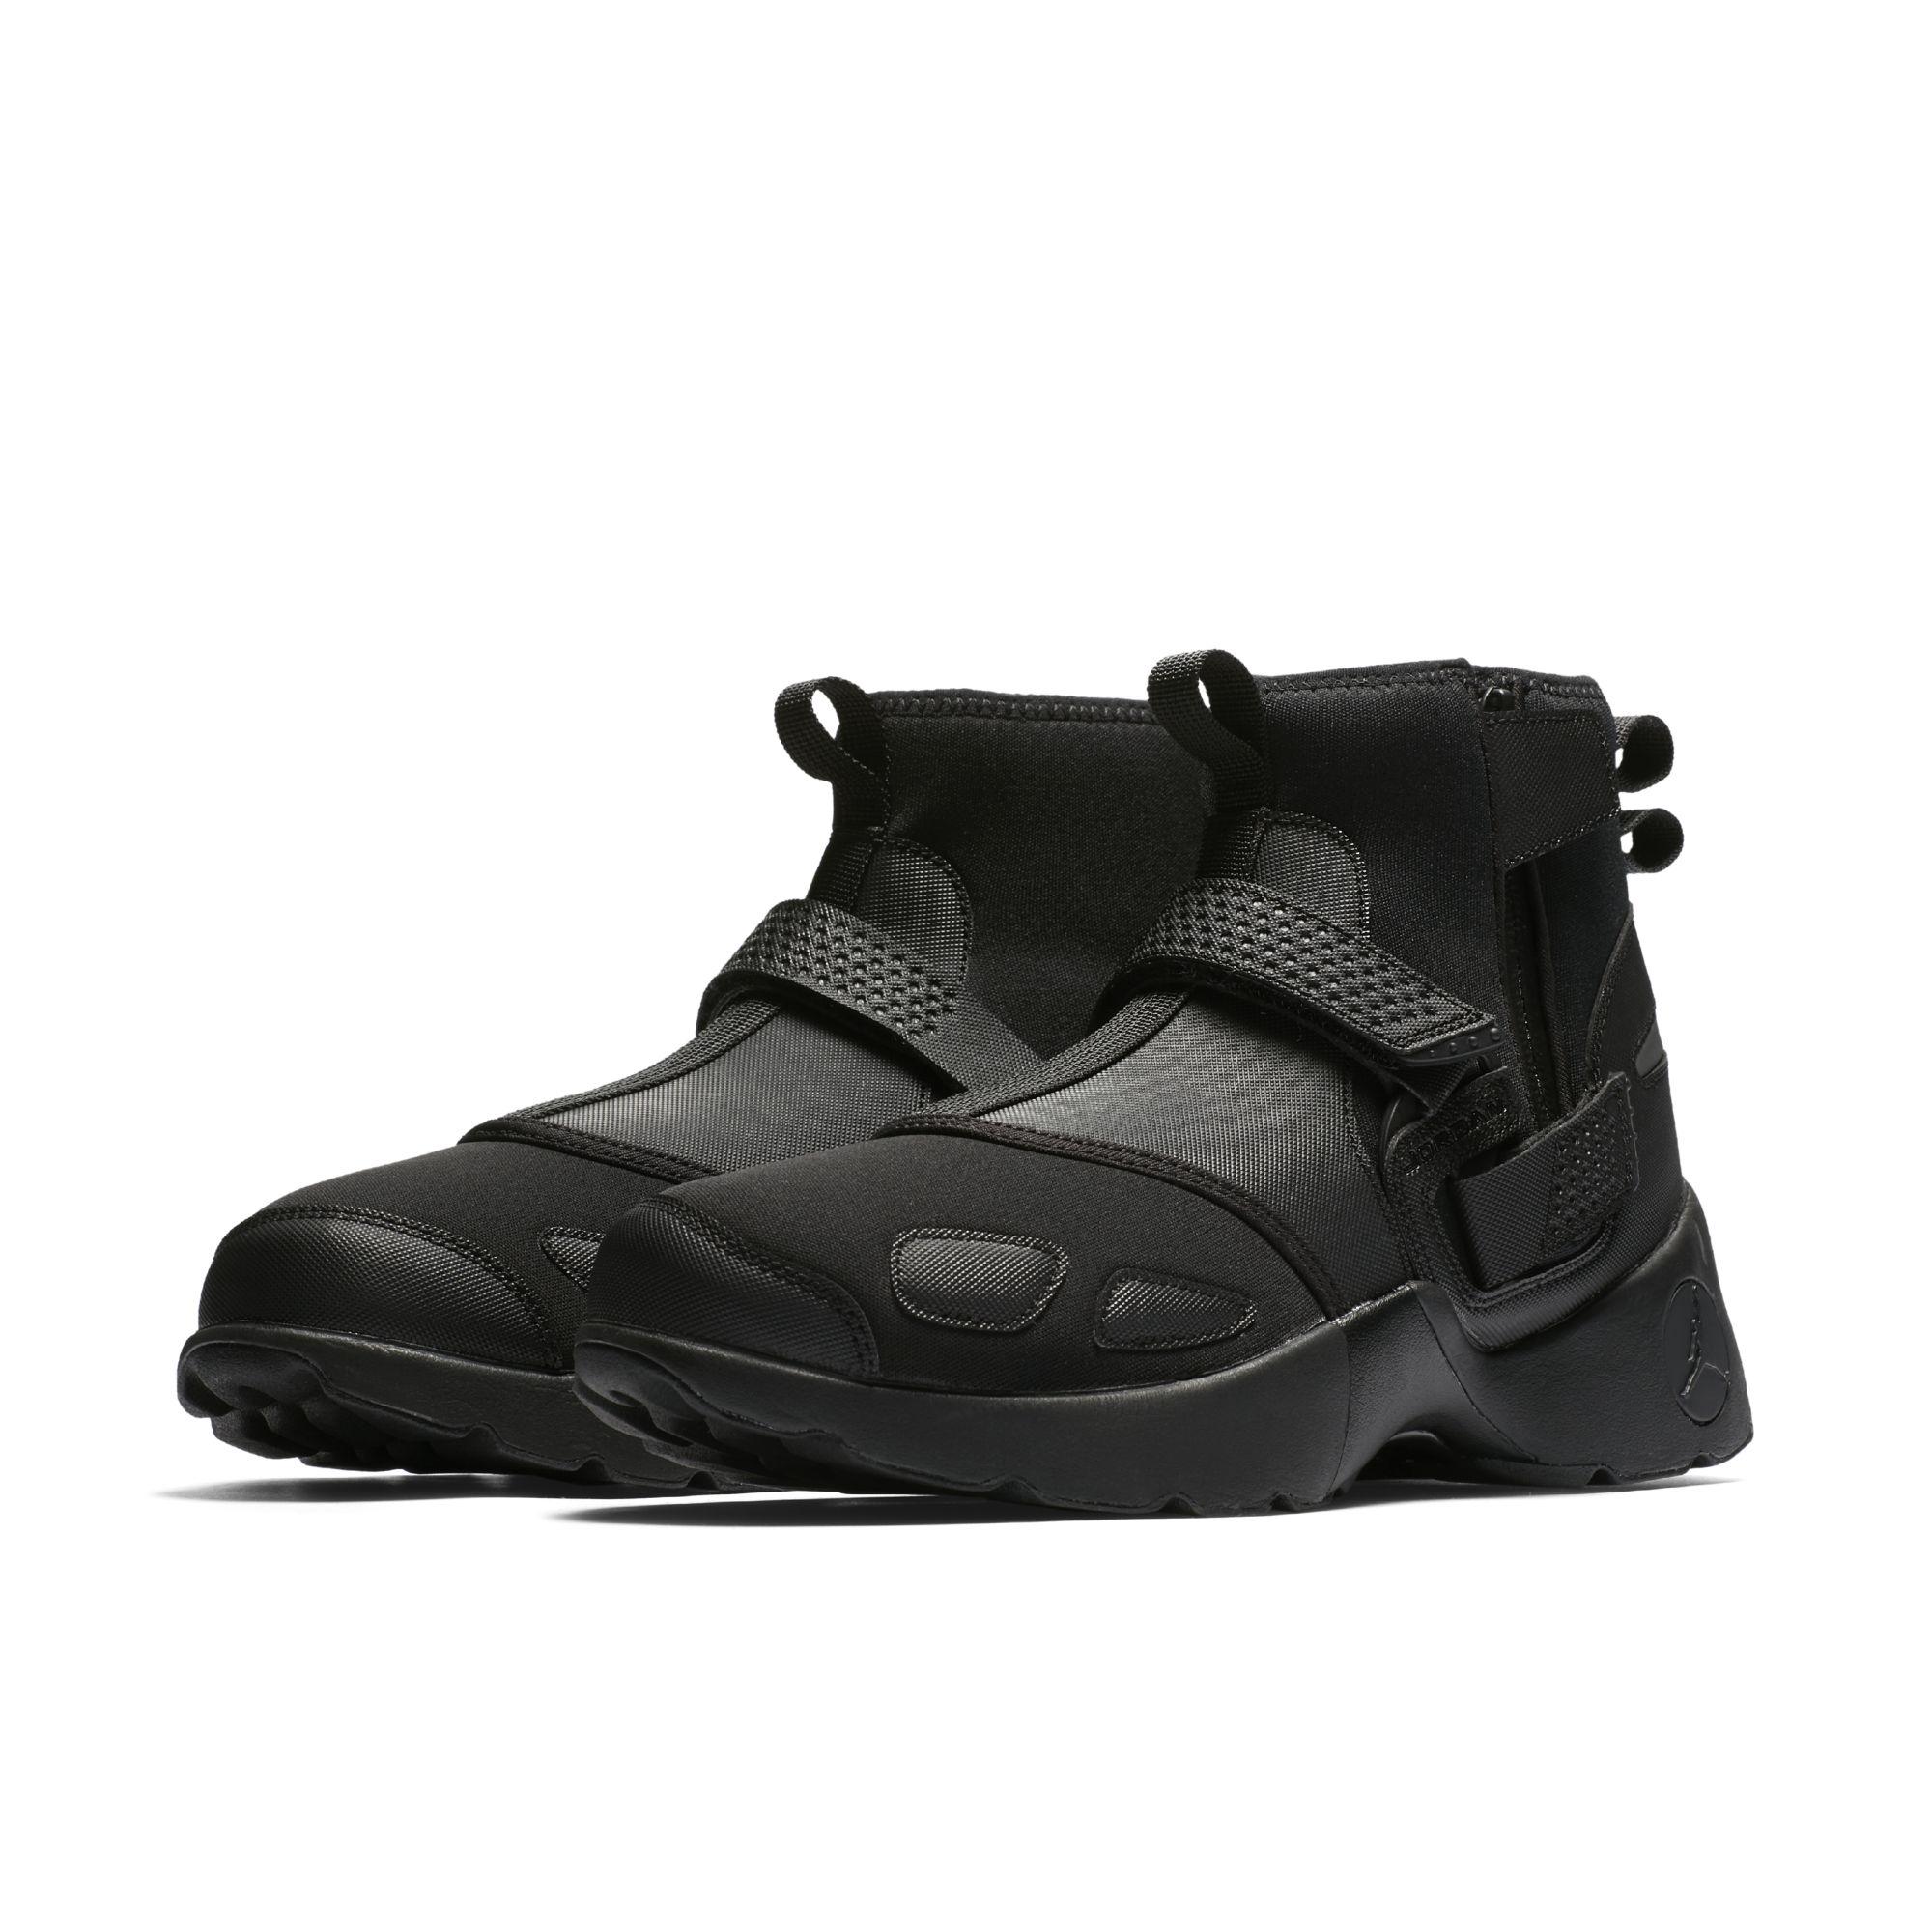 Jordan trunner LX High NRG - Black 1 - WearTesters 7da9f4669